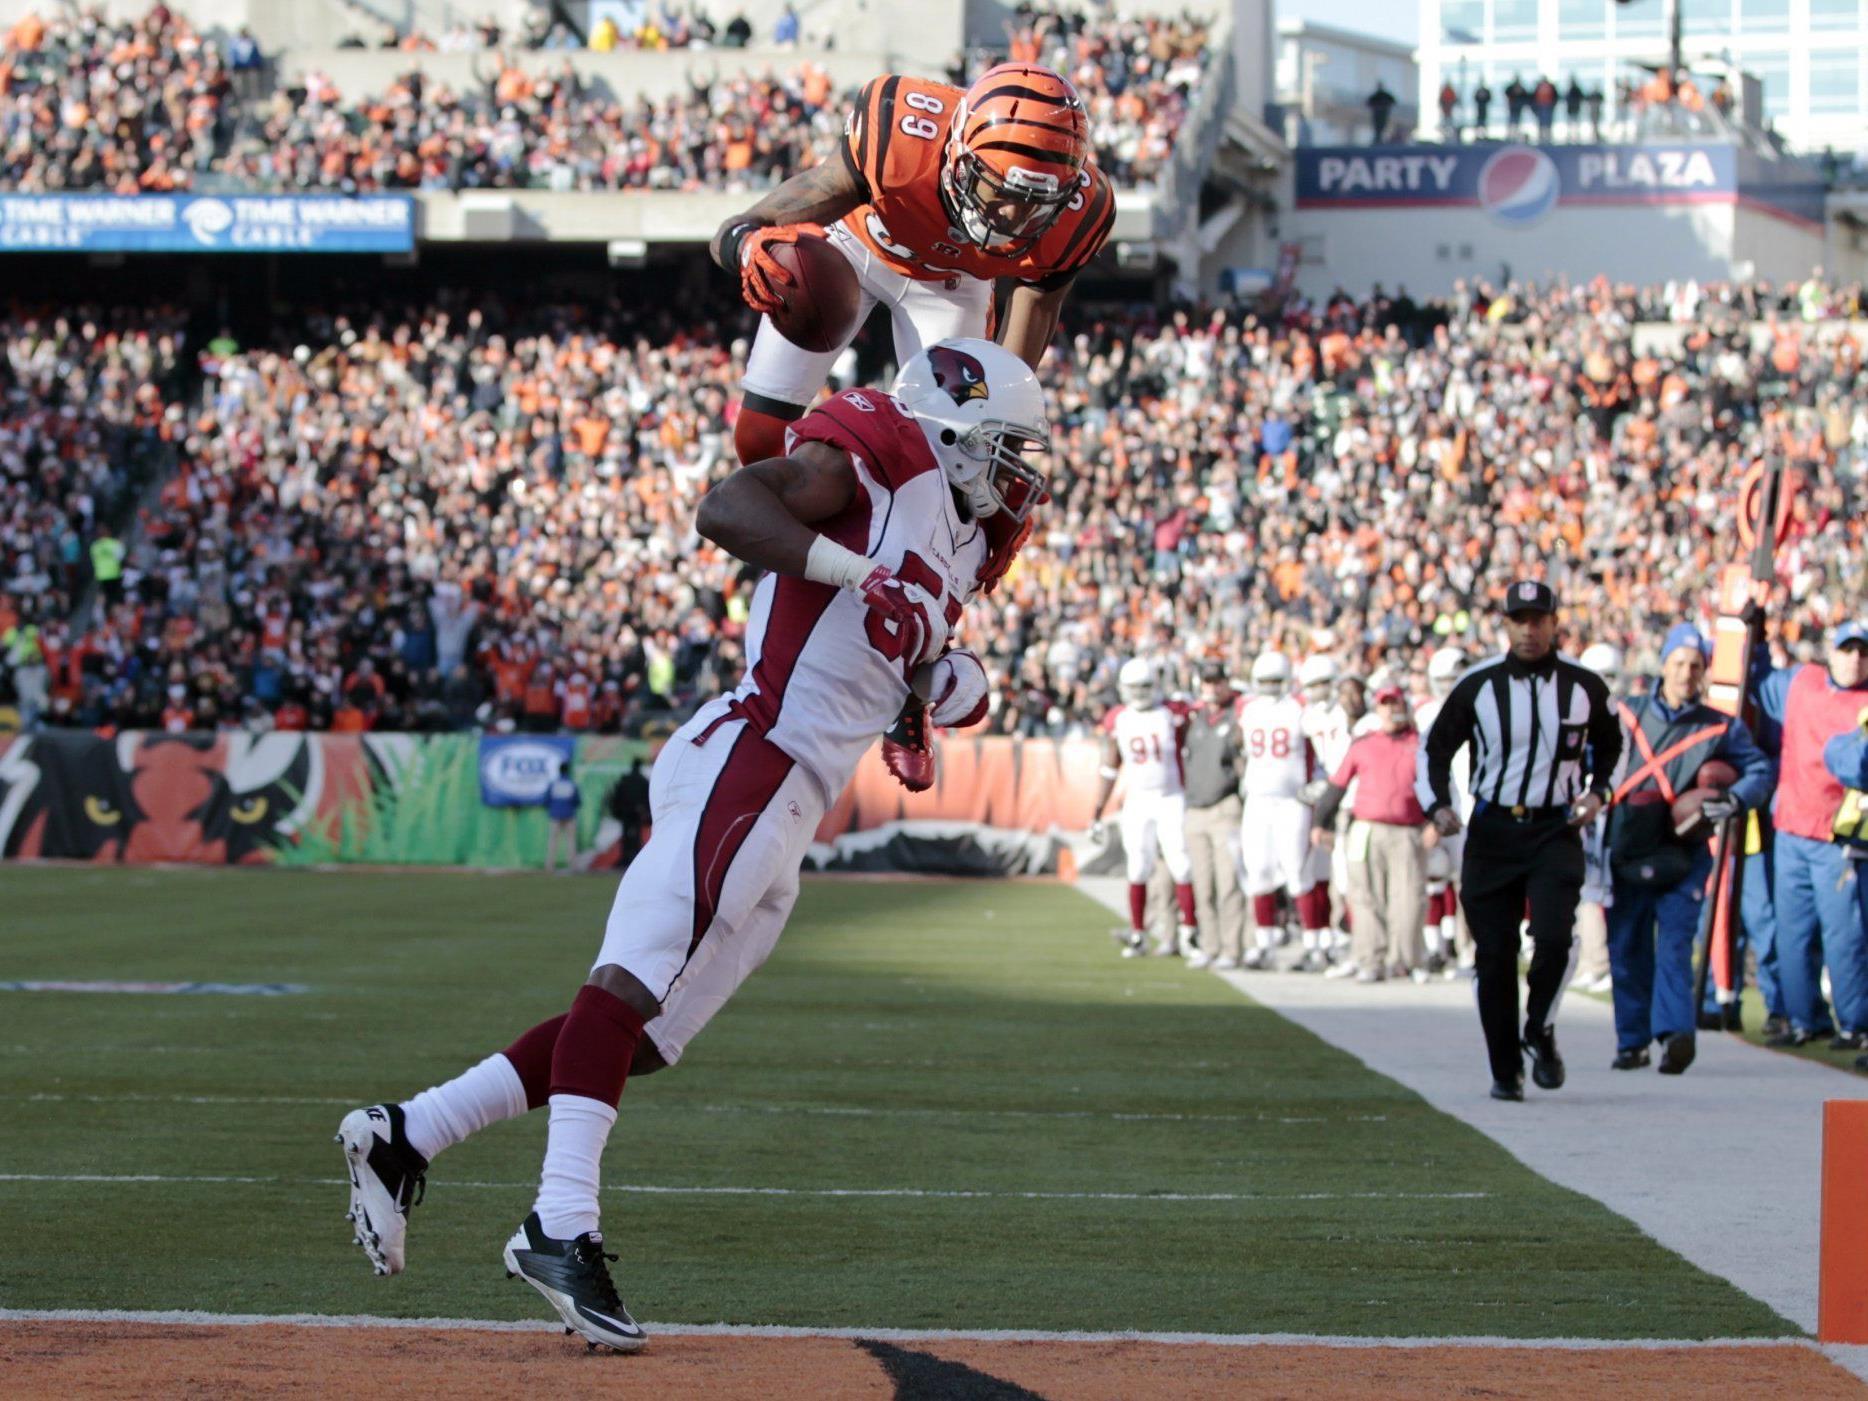 Jerome Simpson von den Cincinnati Bengals überspringt Daryl Washington von den Arizona Cardinals.